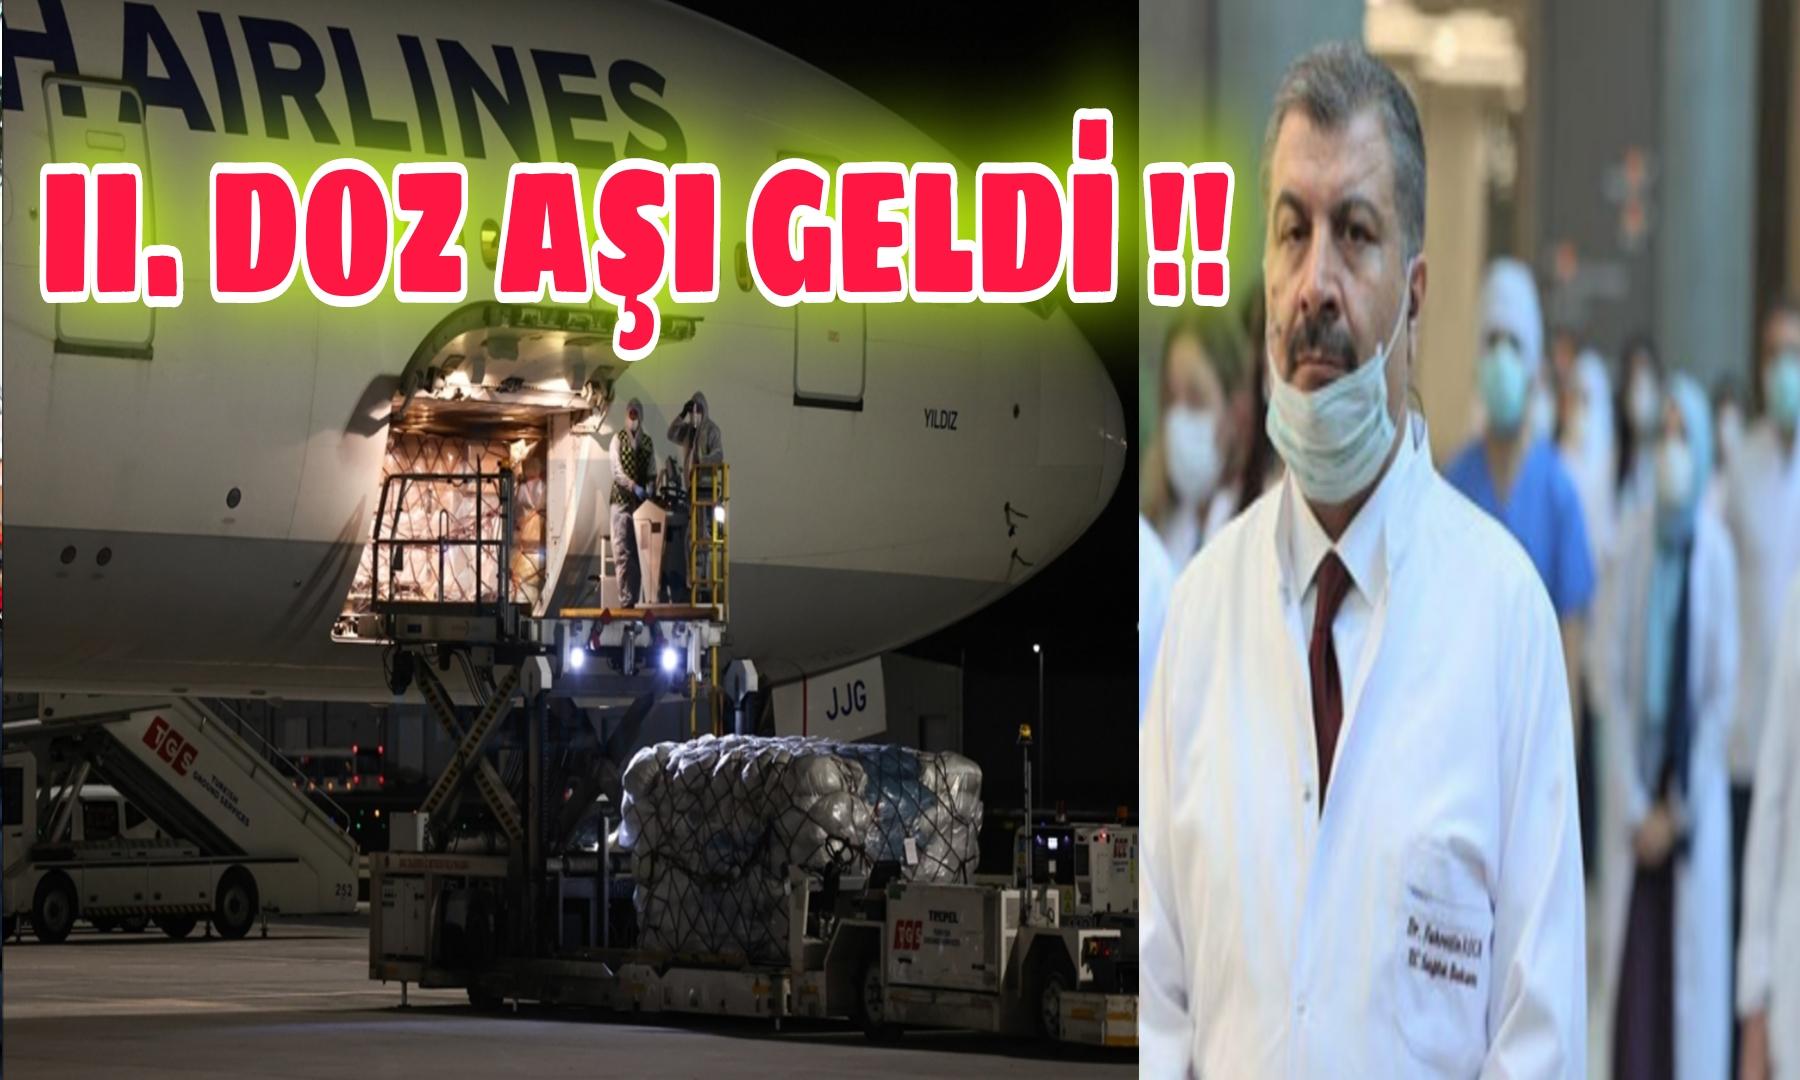 ÇİN' den 2. DOZ AŞI GELDİ !!